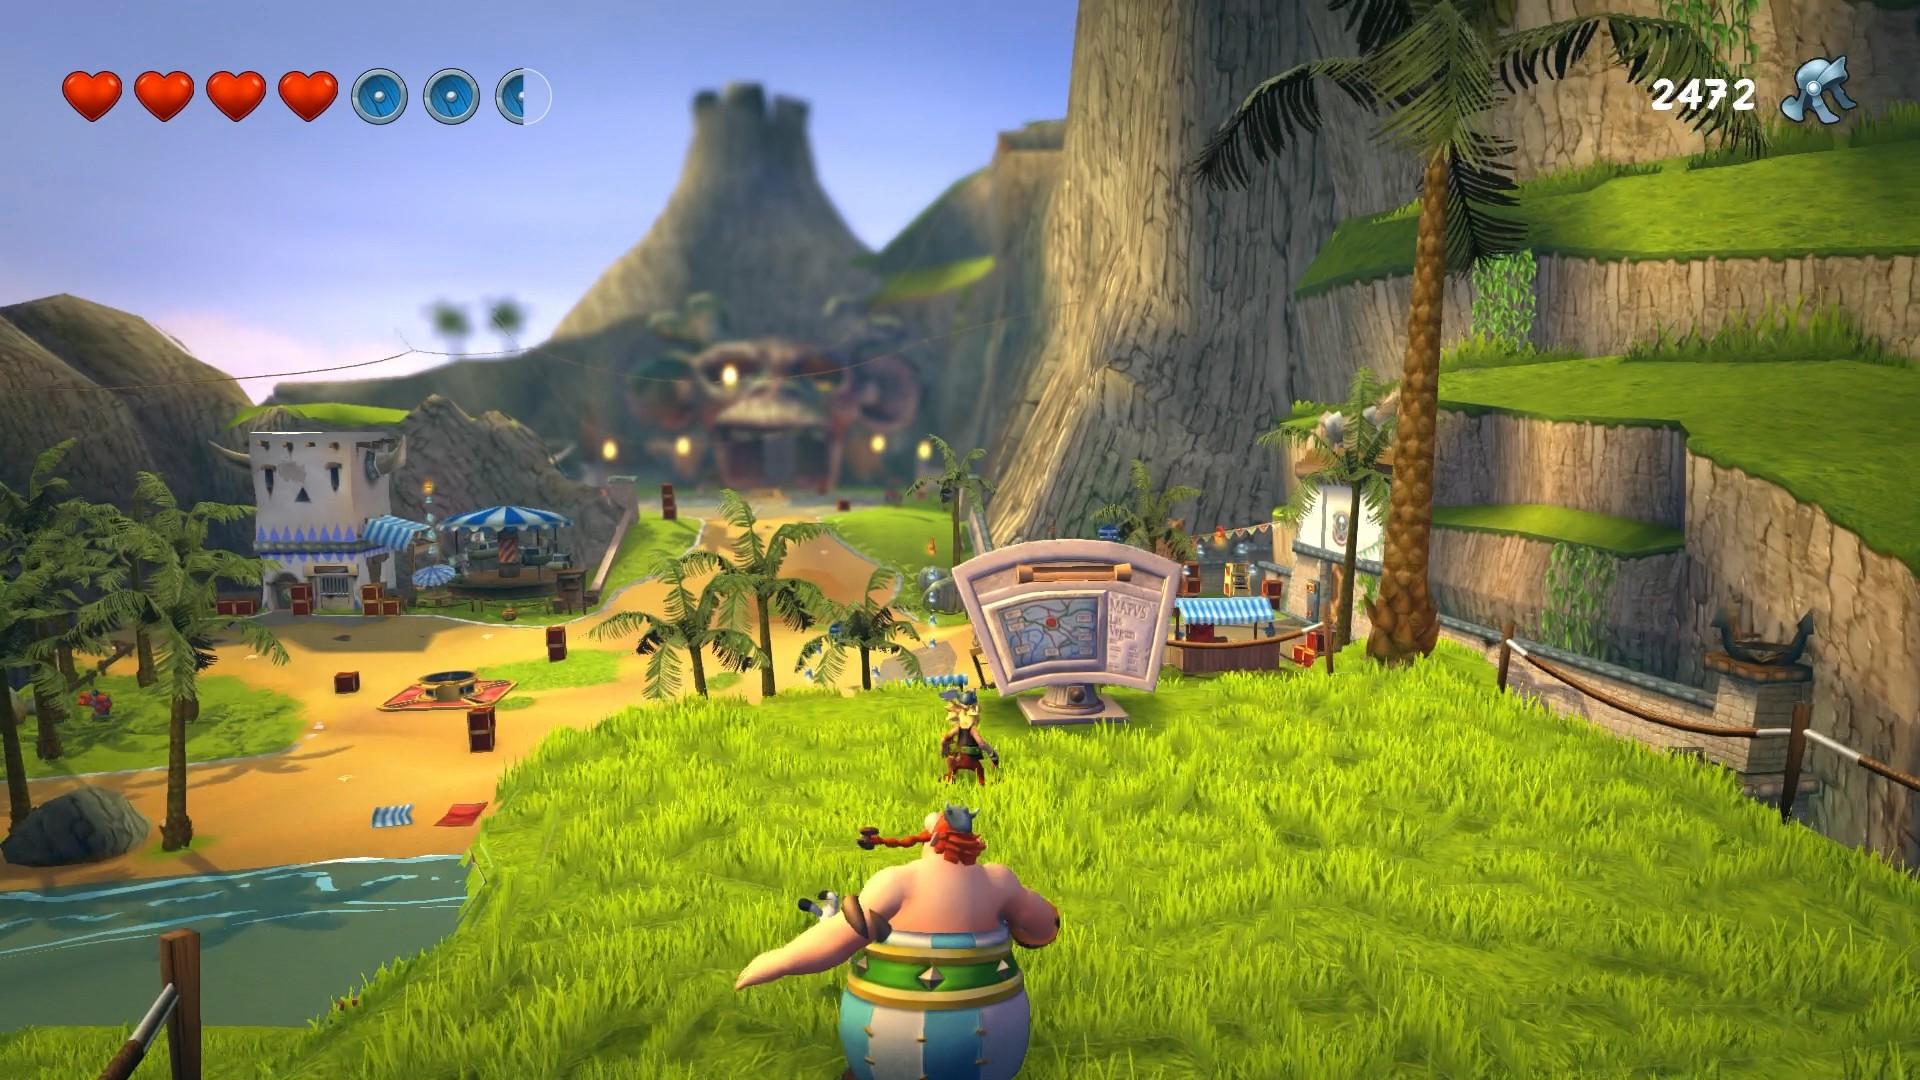 New Asterix Obelix Xxl 2 Remaster Details And Screenshots